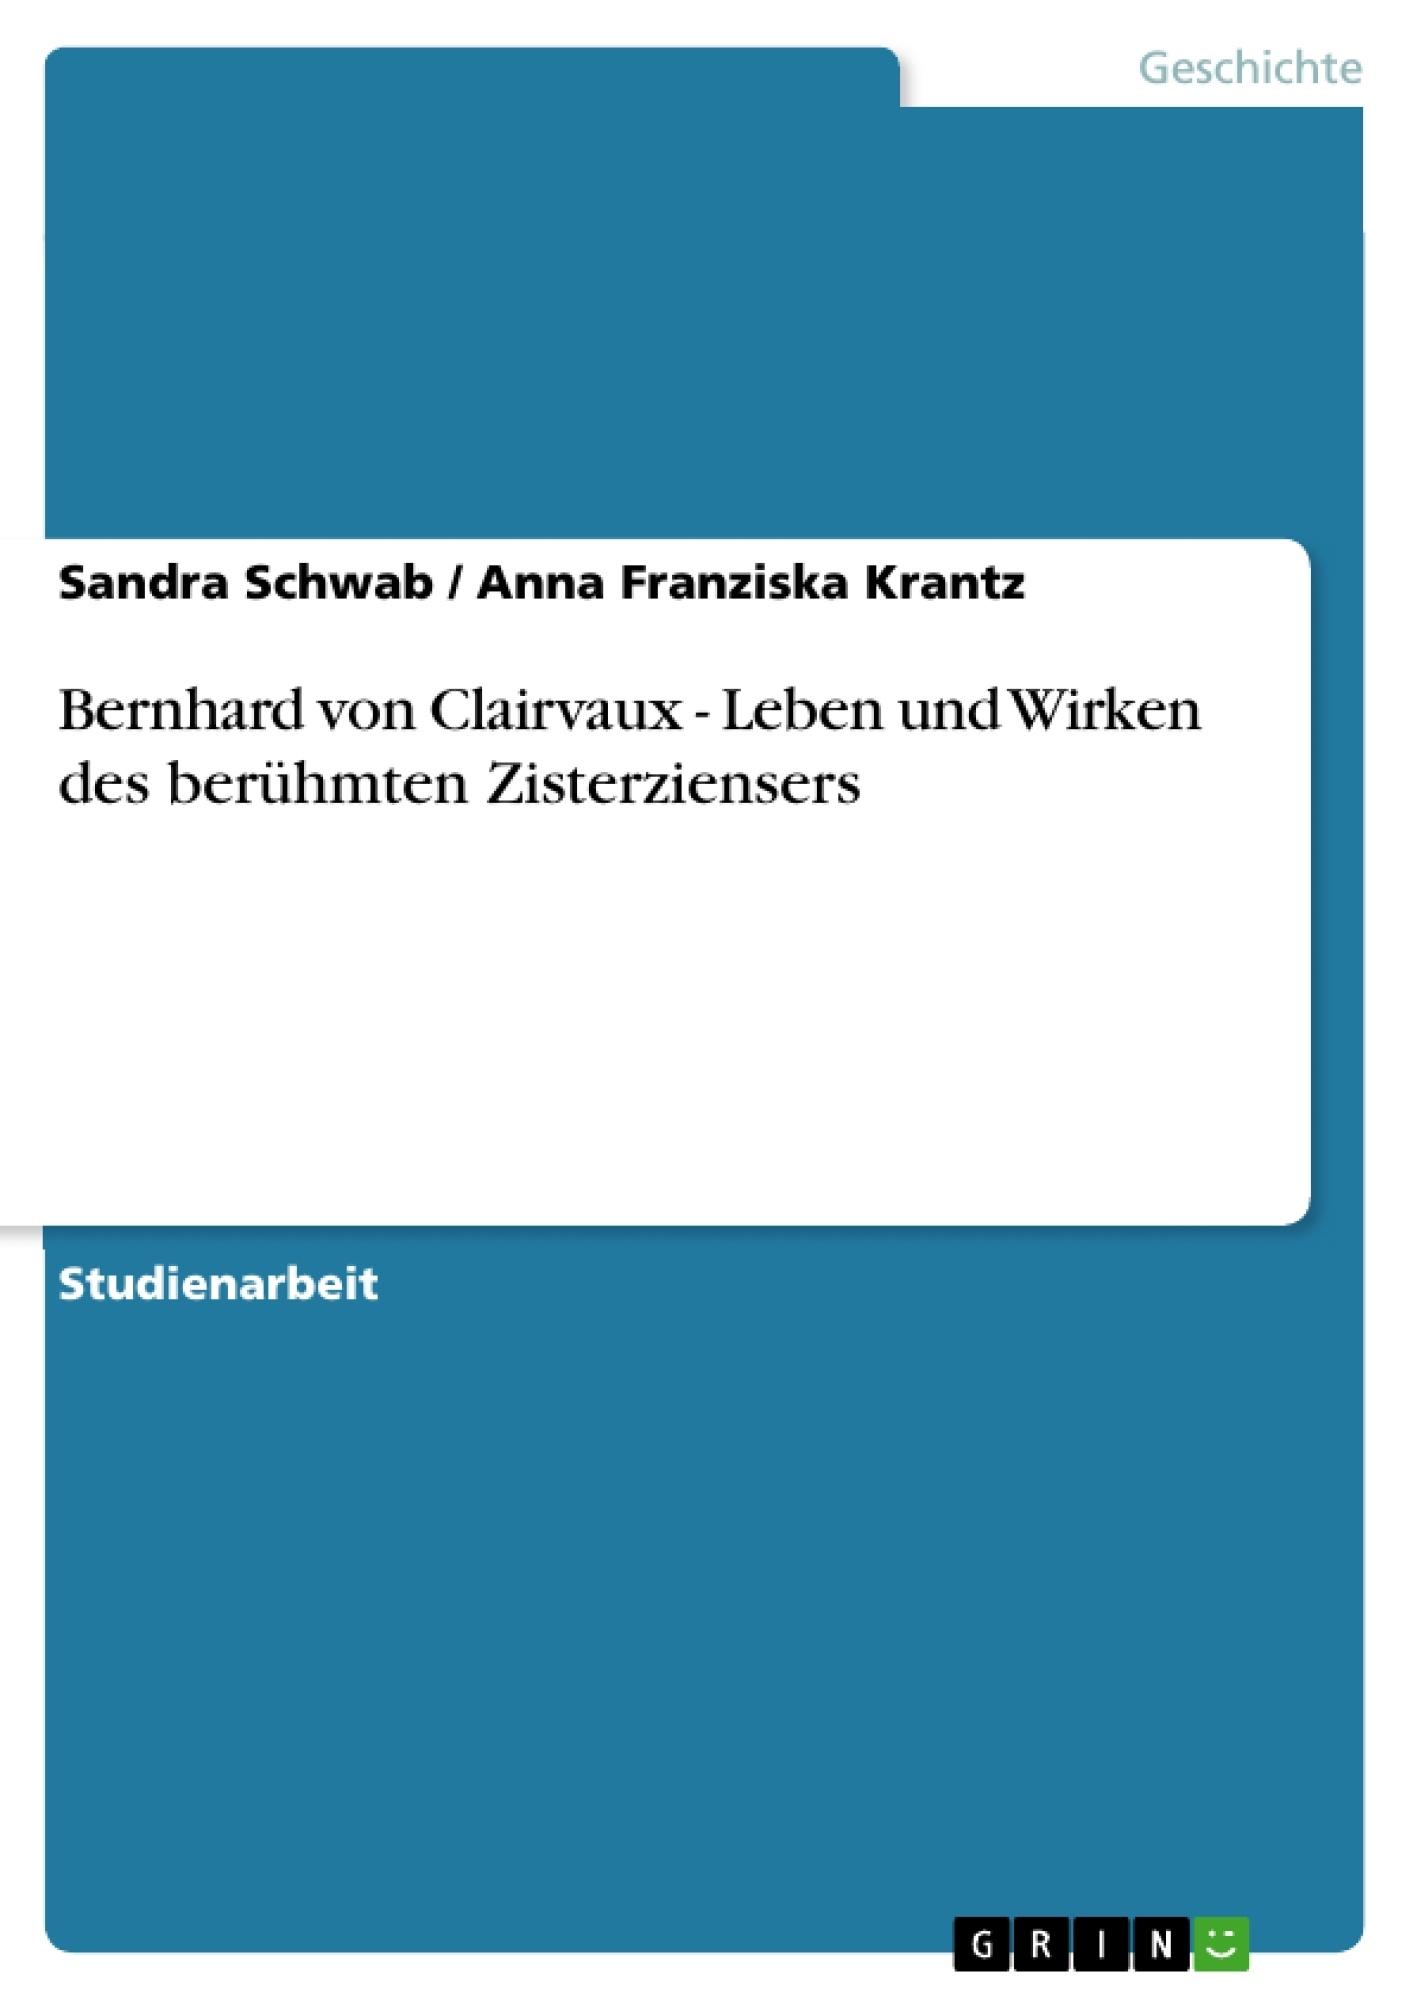 Titel: Bernhard von Clairvaux - Leben und Wirken des berühmten Zisterziensers